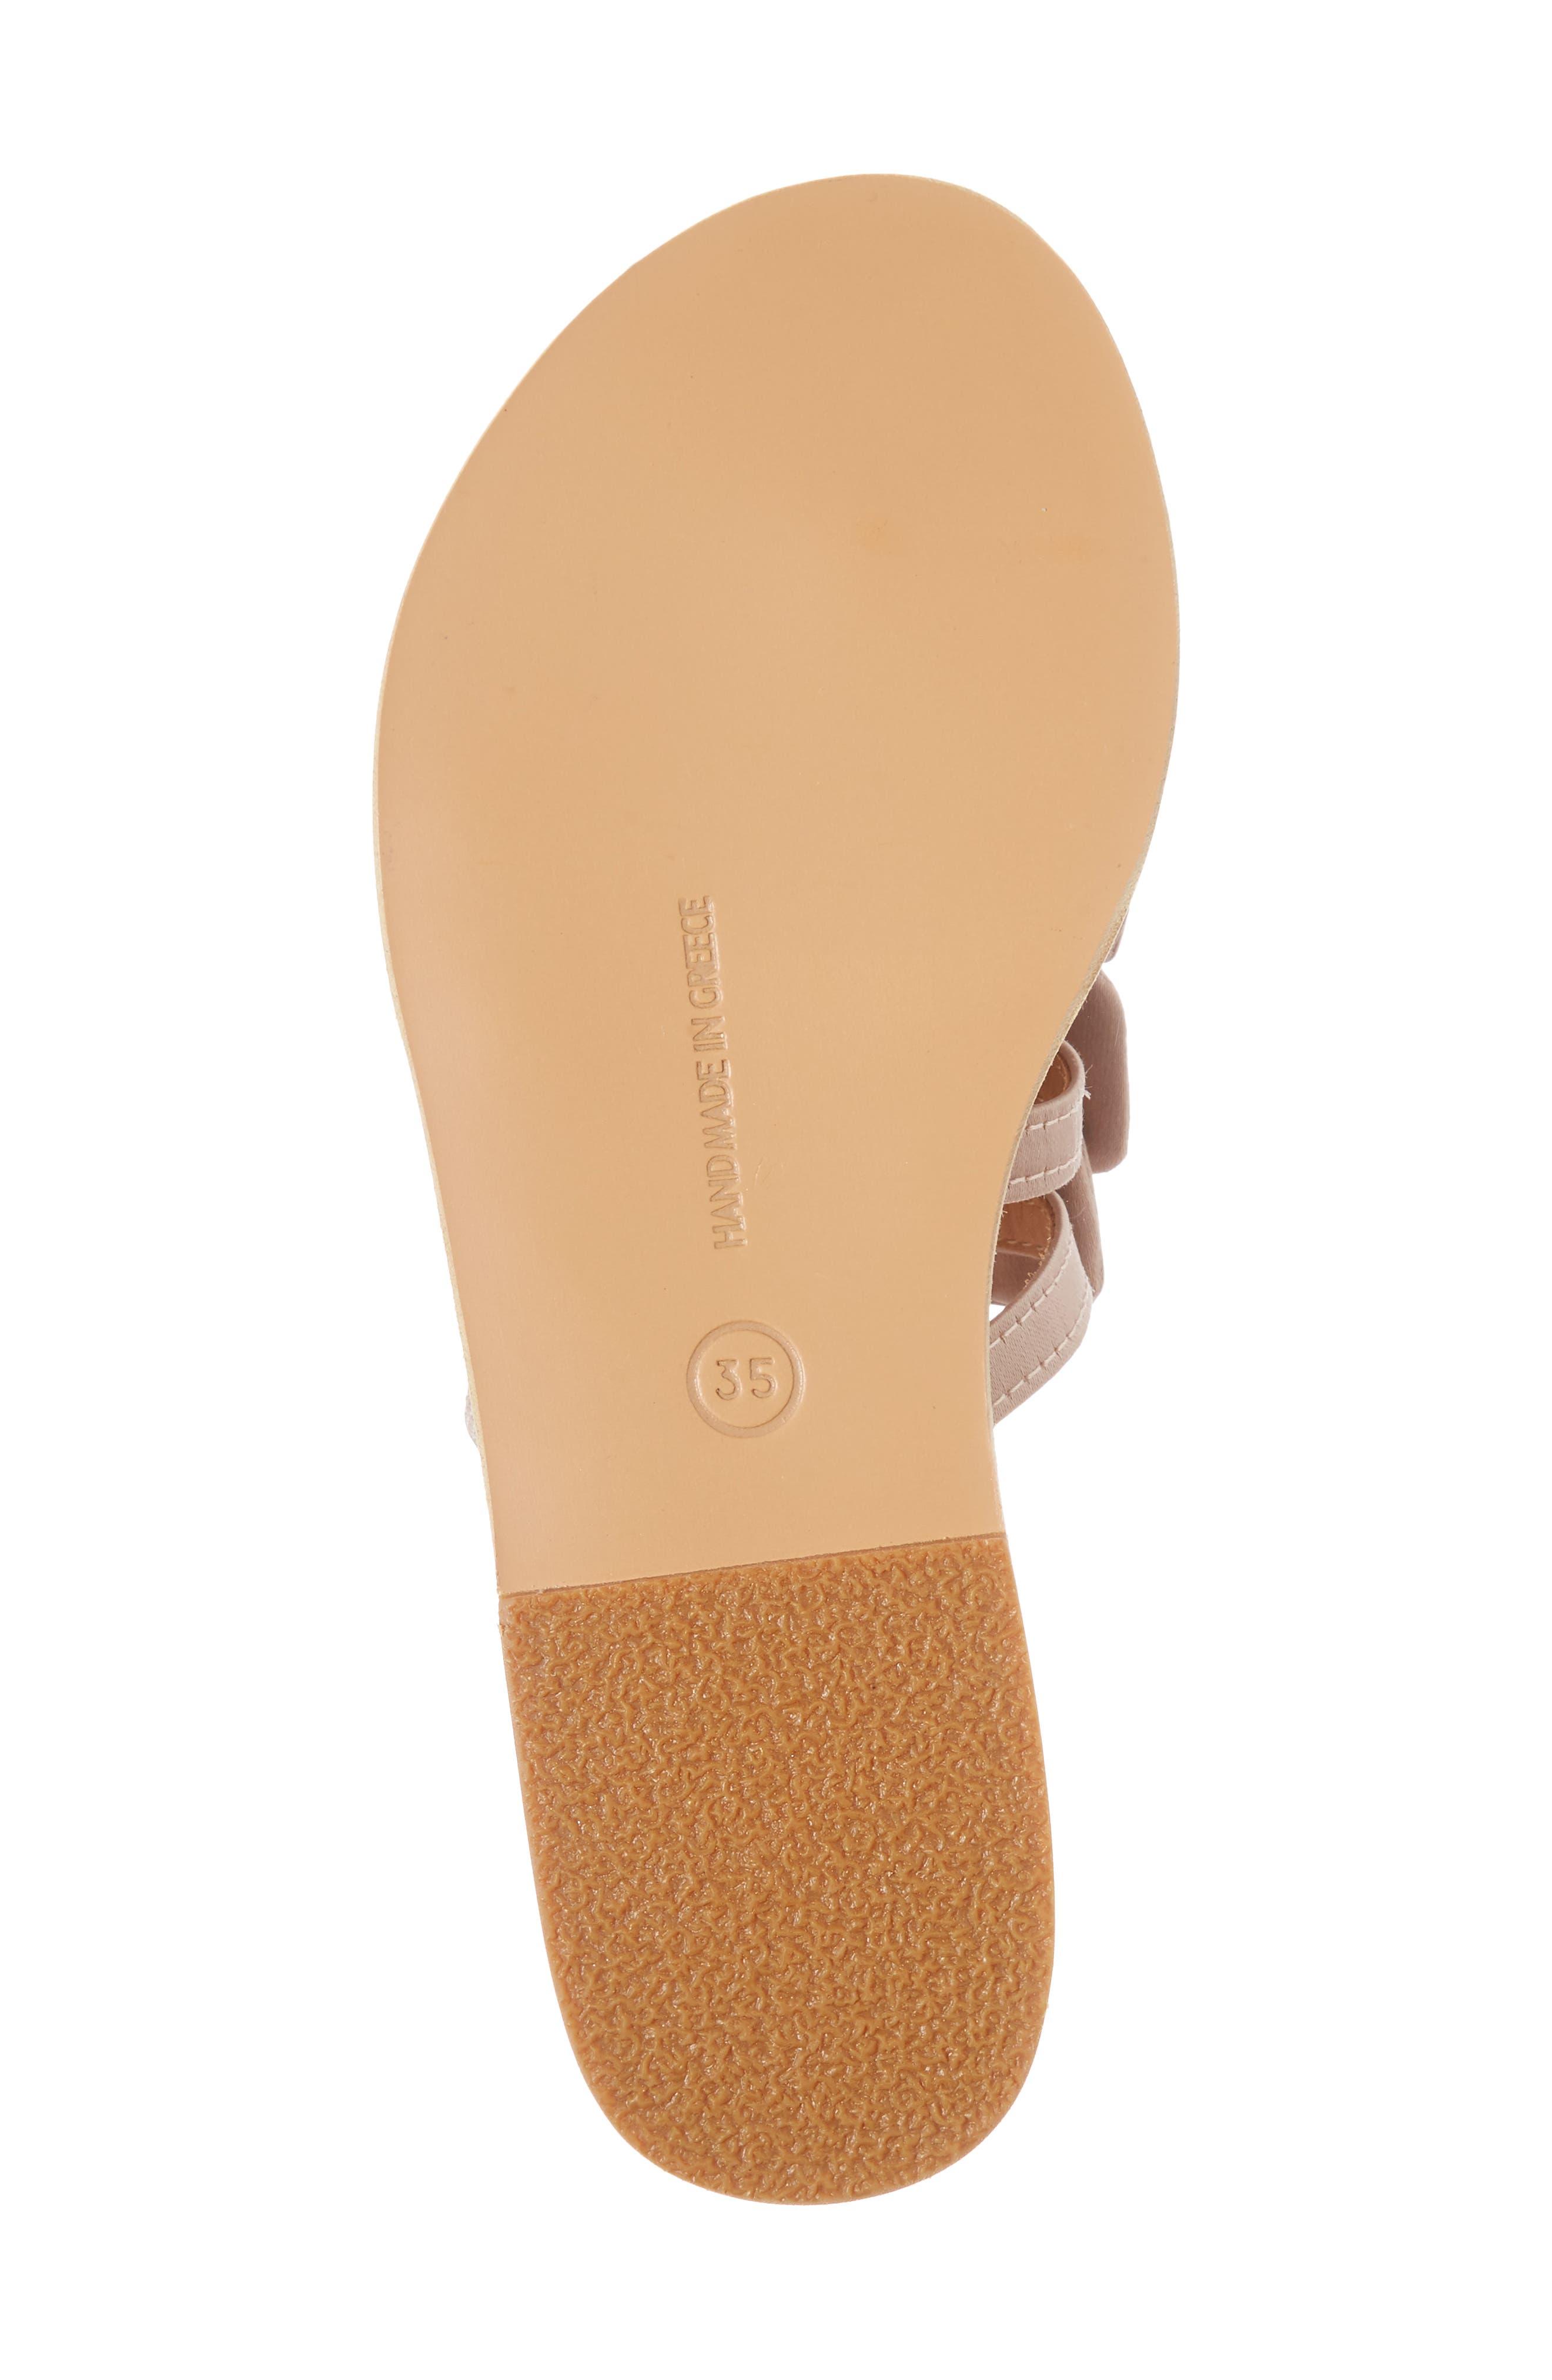 Hara Toe Loop Slide Sandal,                             Alternate thumbnail 6, color,                             Natural/ Lotus